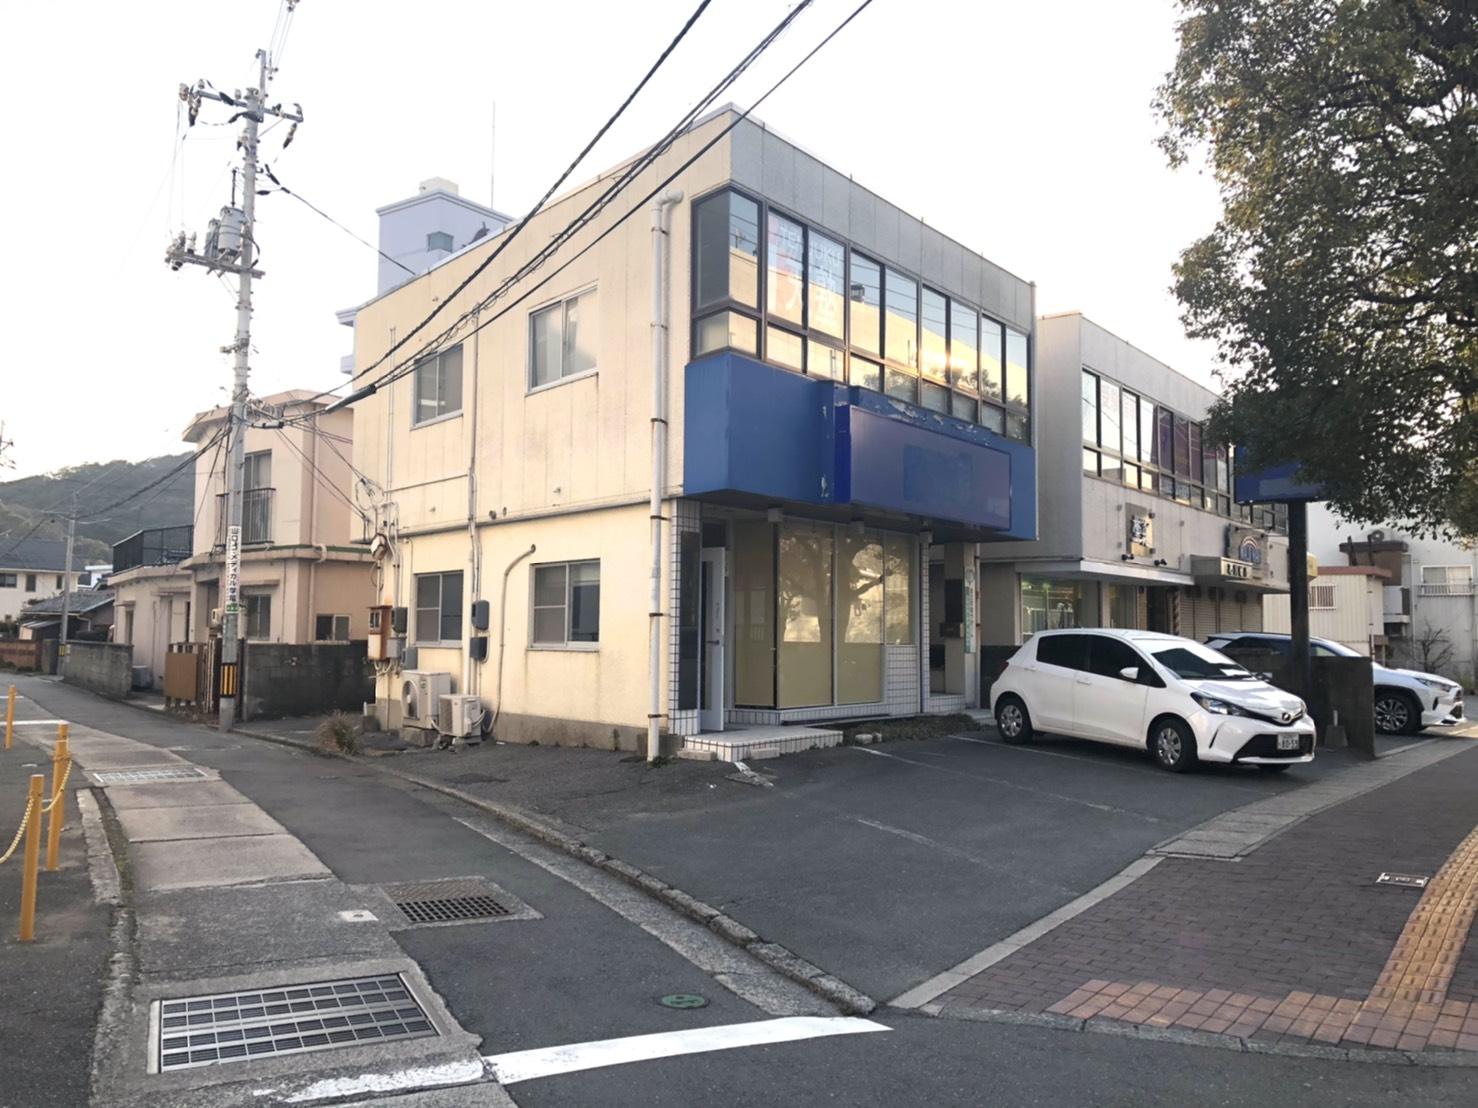 貸事務所(2階建て1階部分) イオン前 駅近